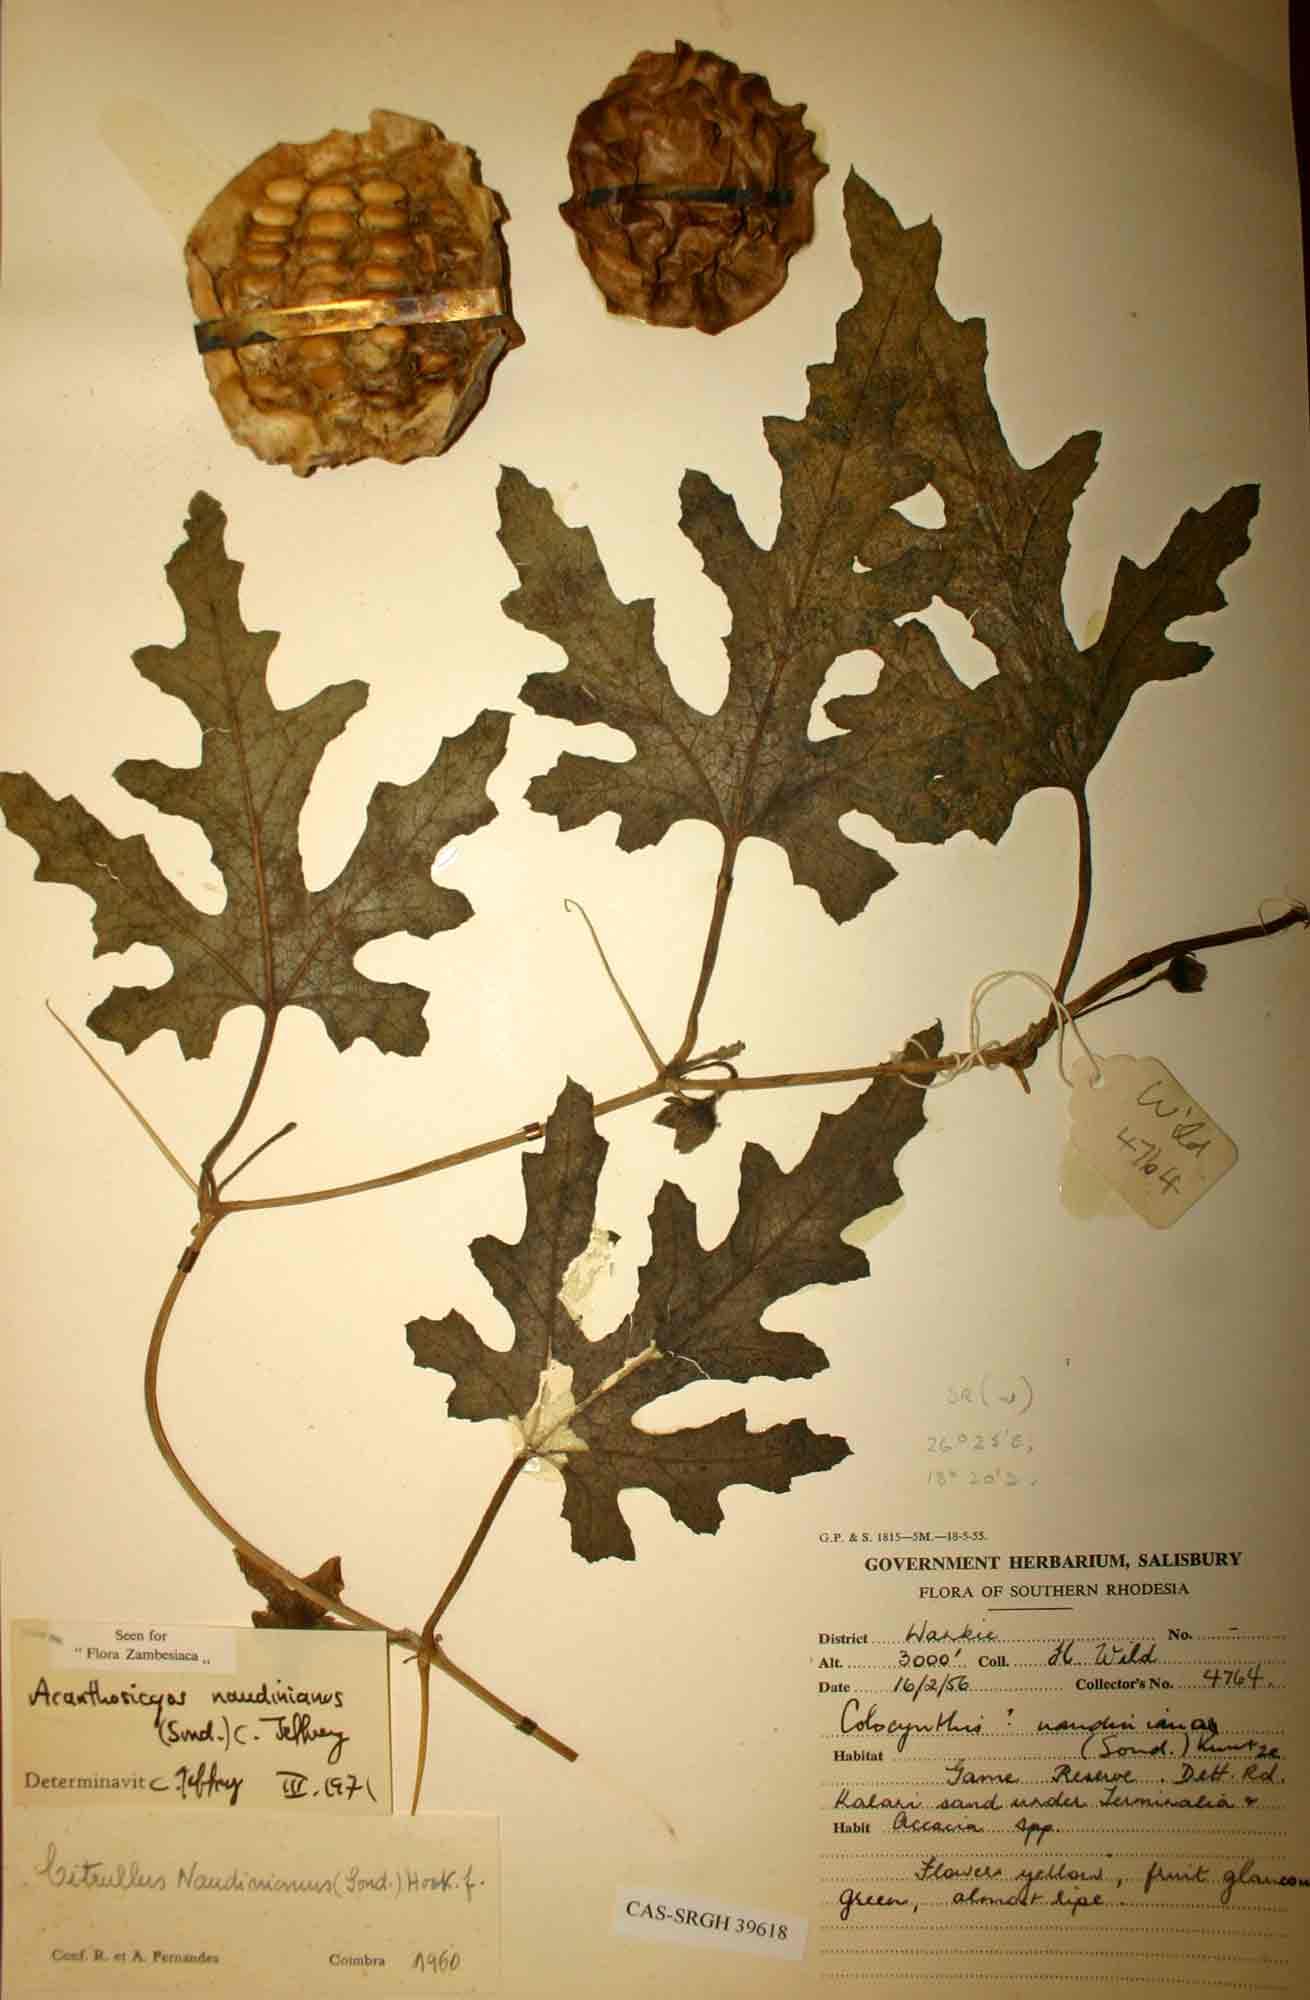 Acanthosicyos naudinianus